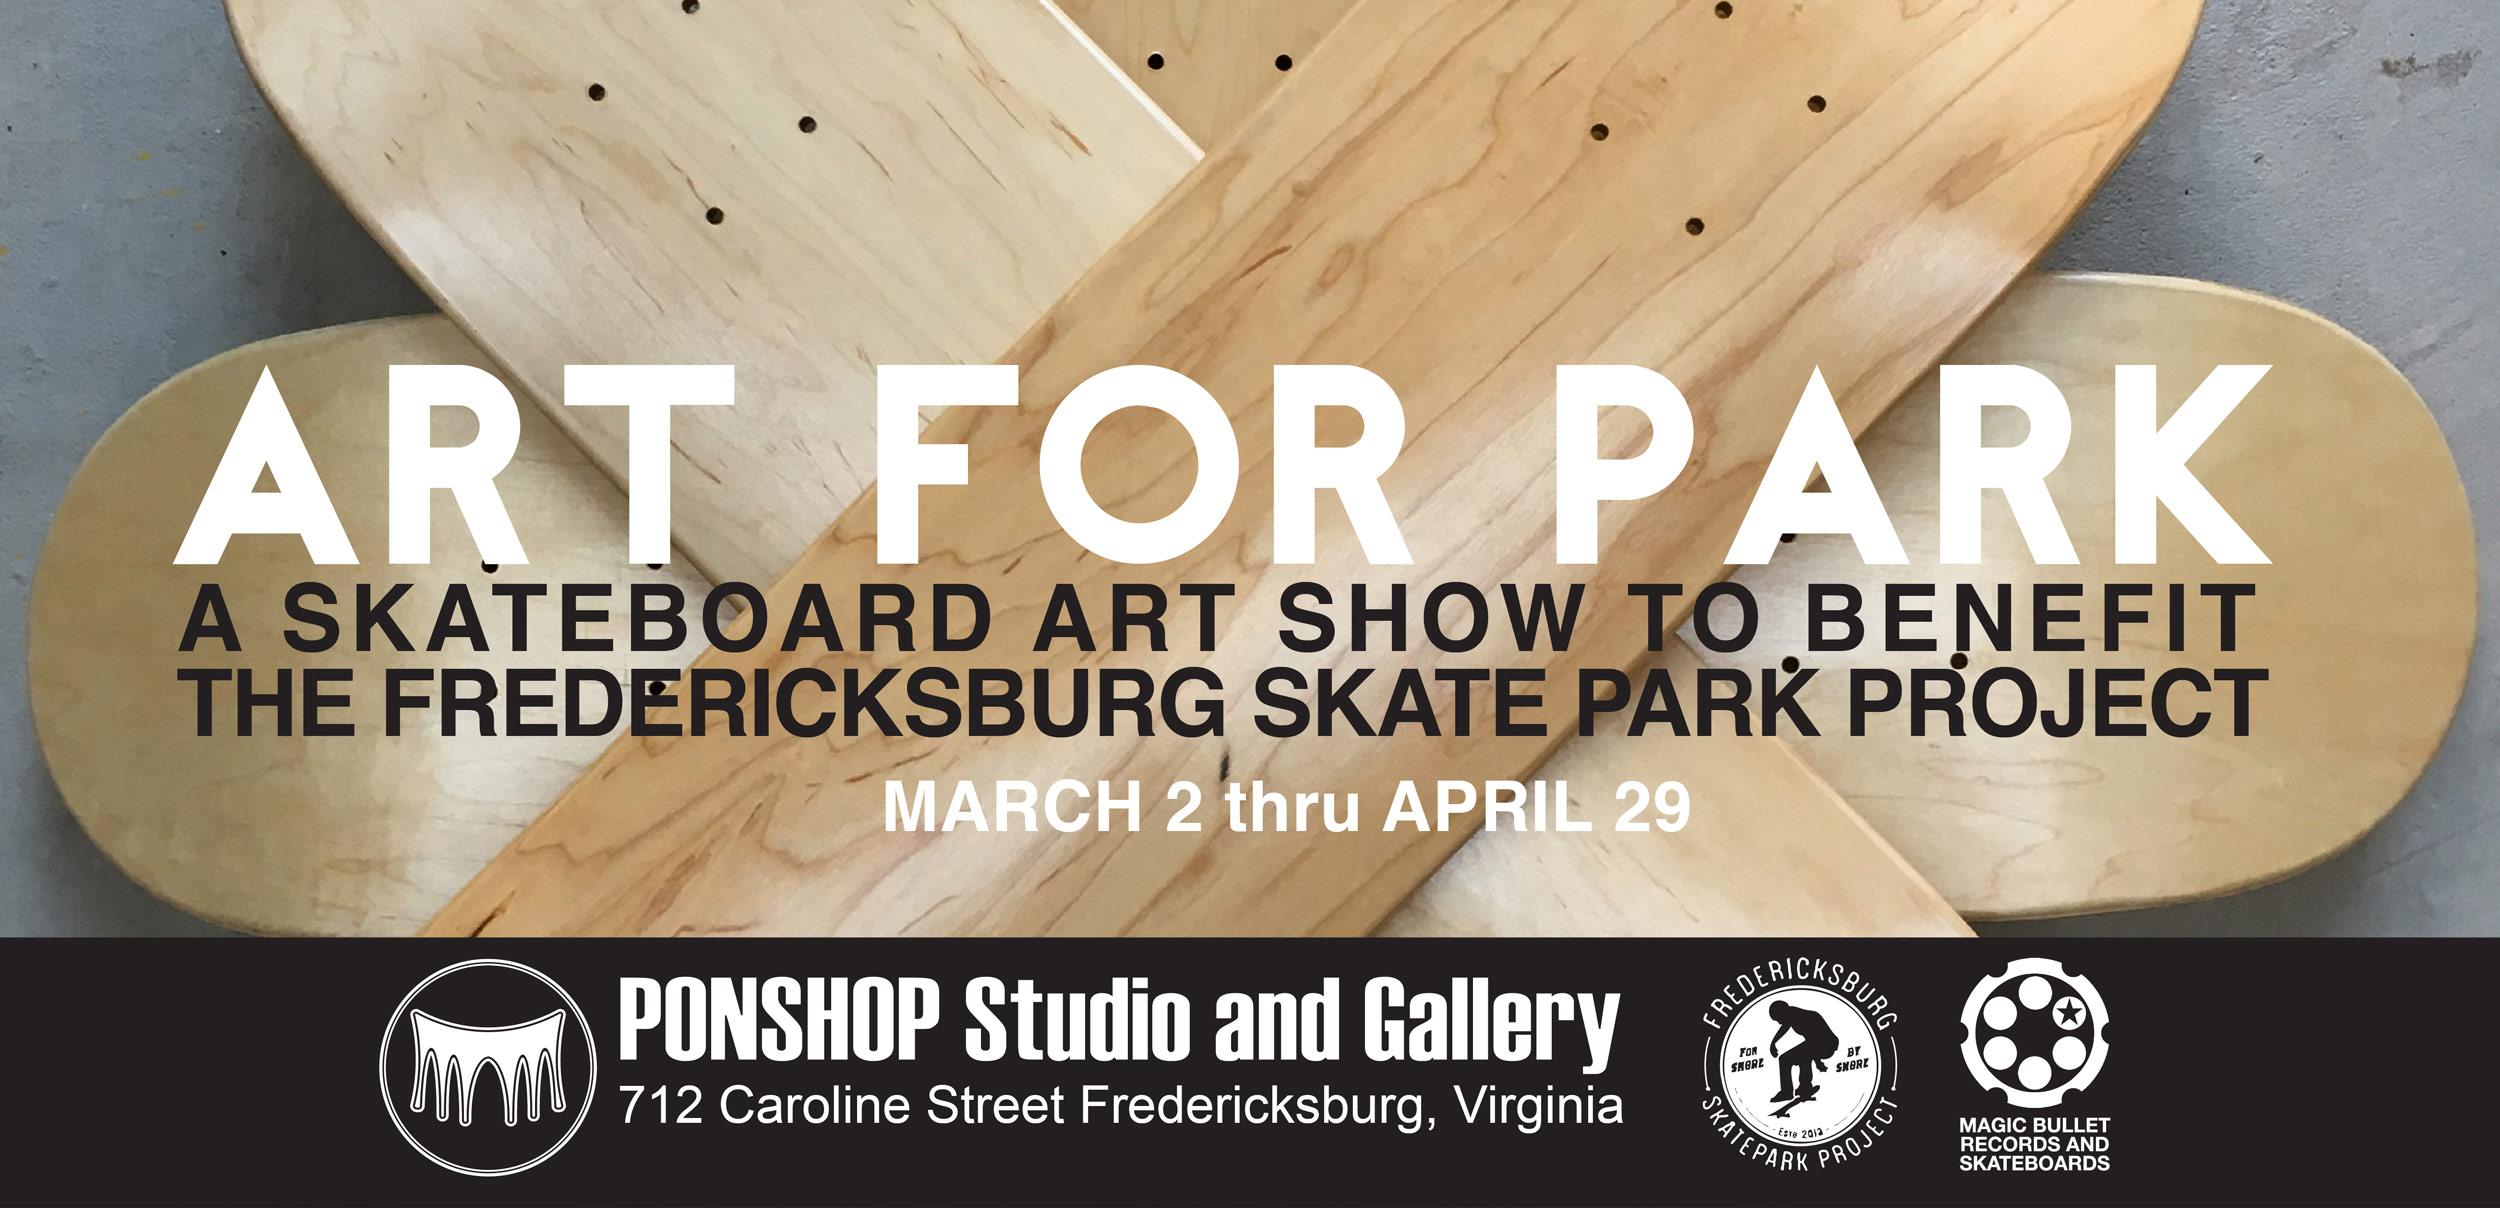 Art-For-Park-Show-Promo2-01.jpg